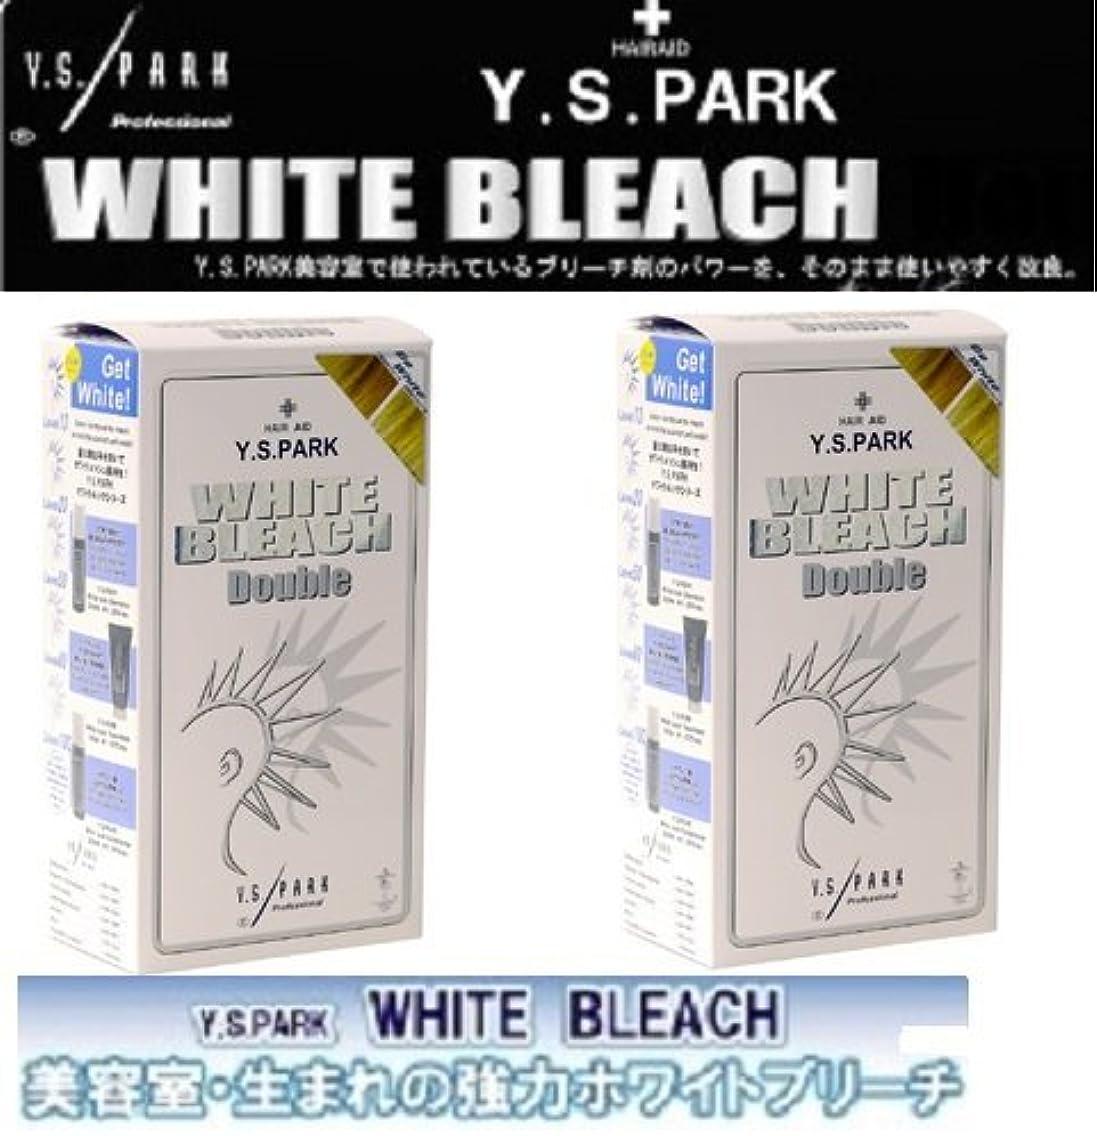 接触しおれた盲信Y.S.パーク ホワイトブリーチ ダブル60g(お得な2個組)美容室生まれの強力ホワイトブリーチ?強力ホワイトブリーチに大容量サイズが登場!